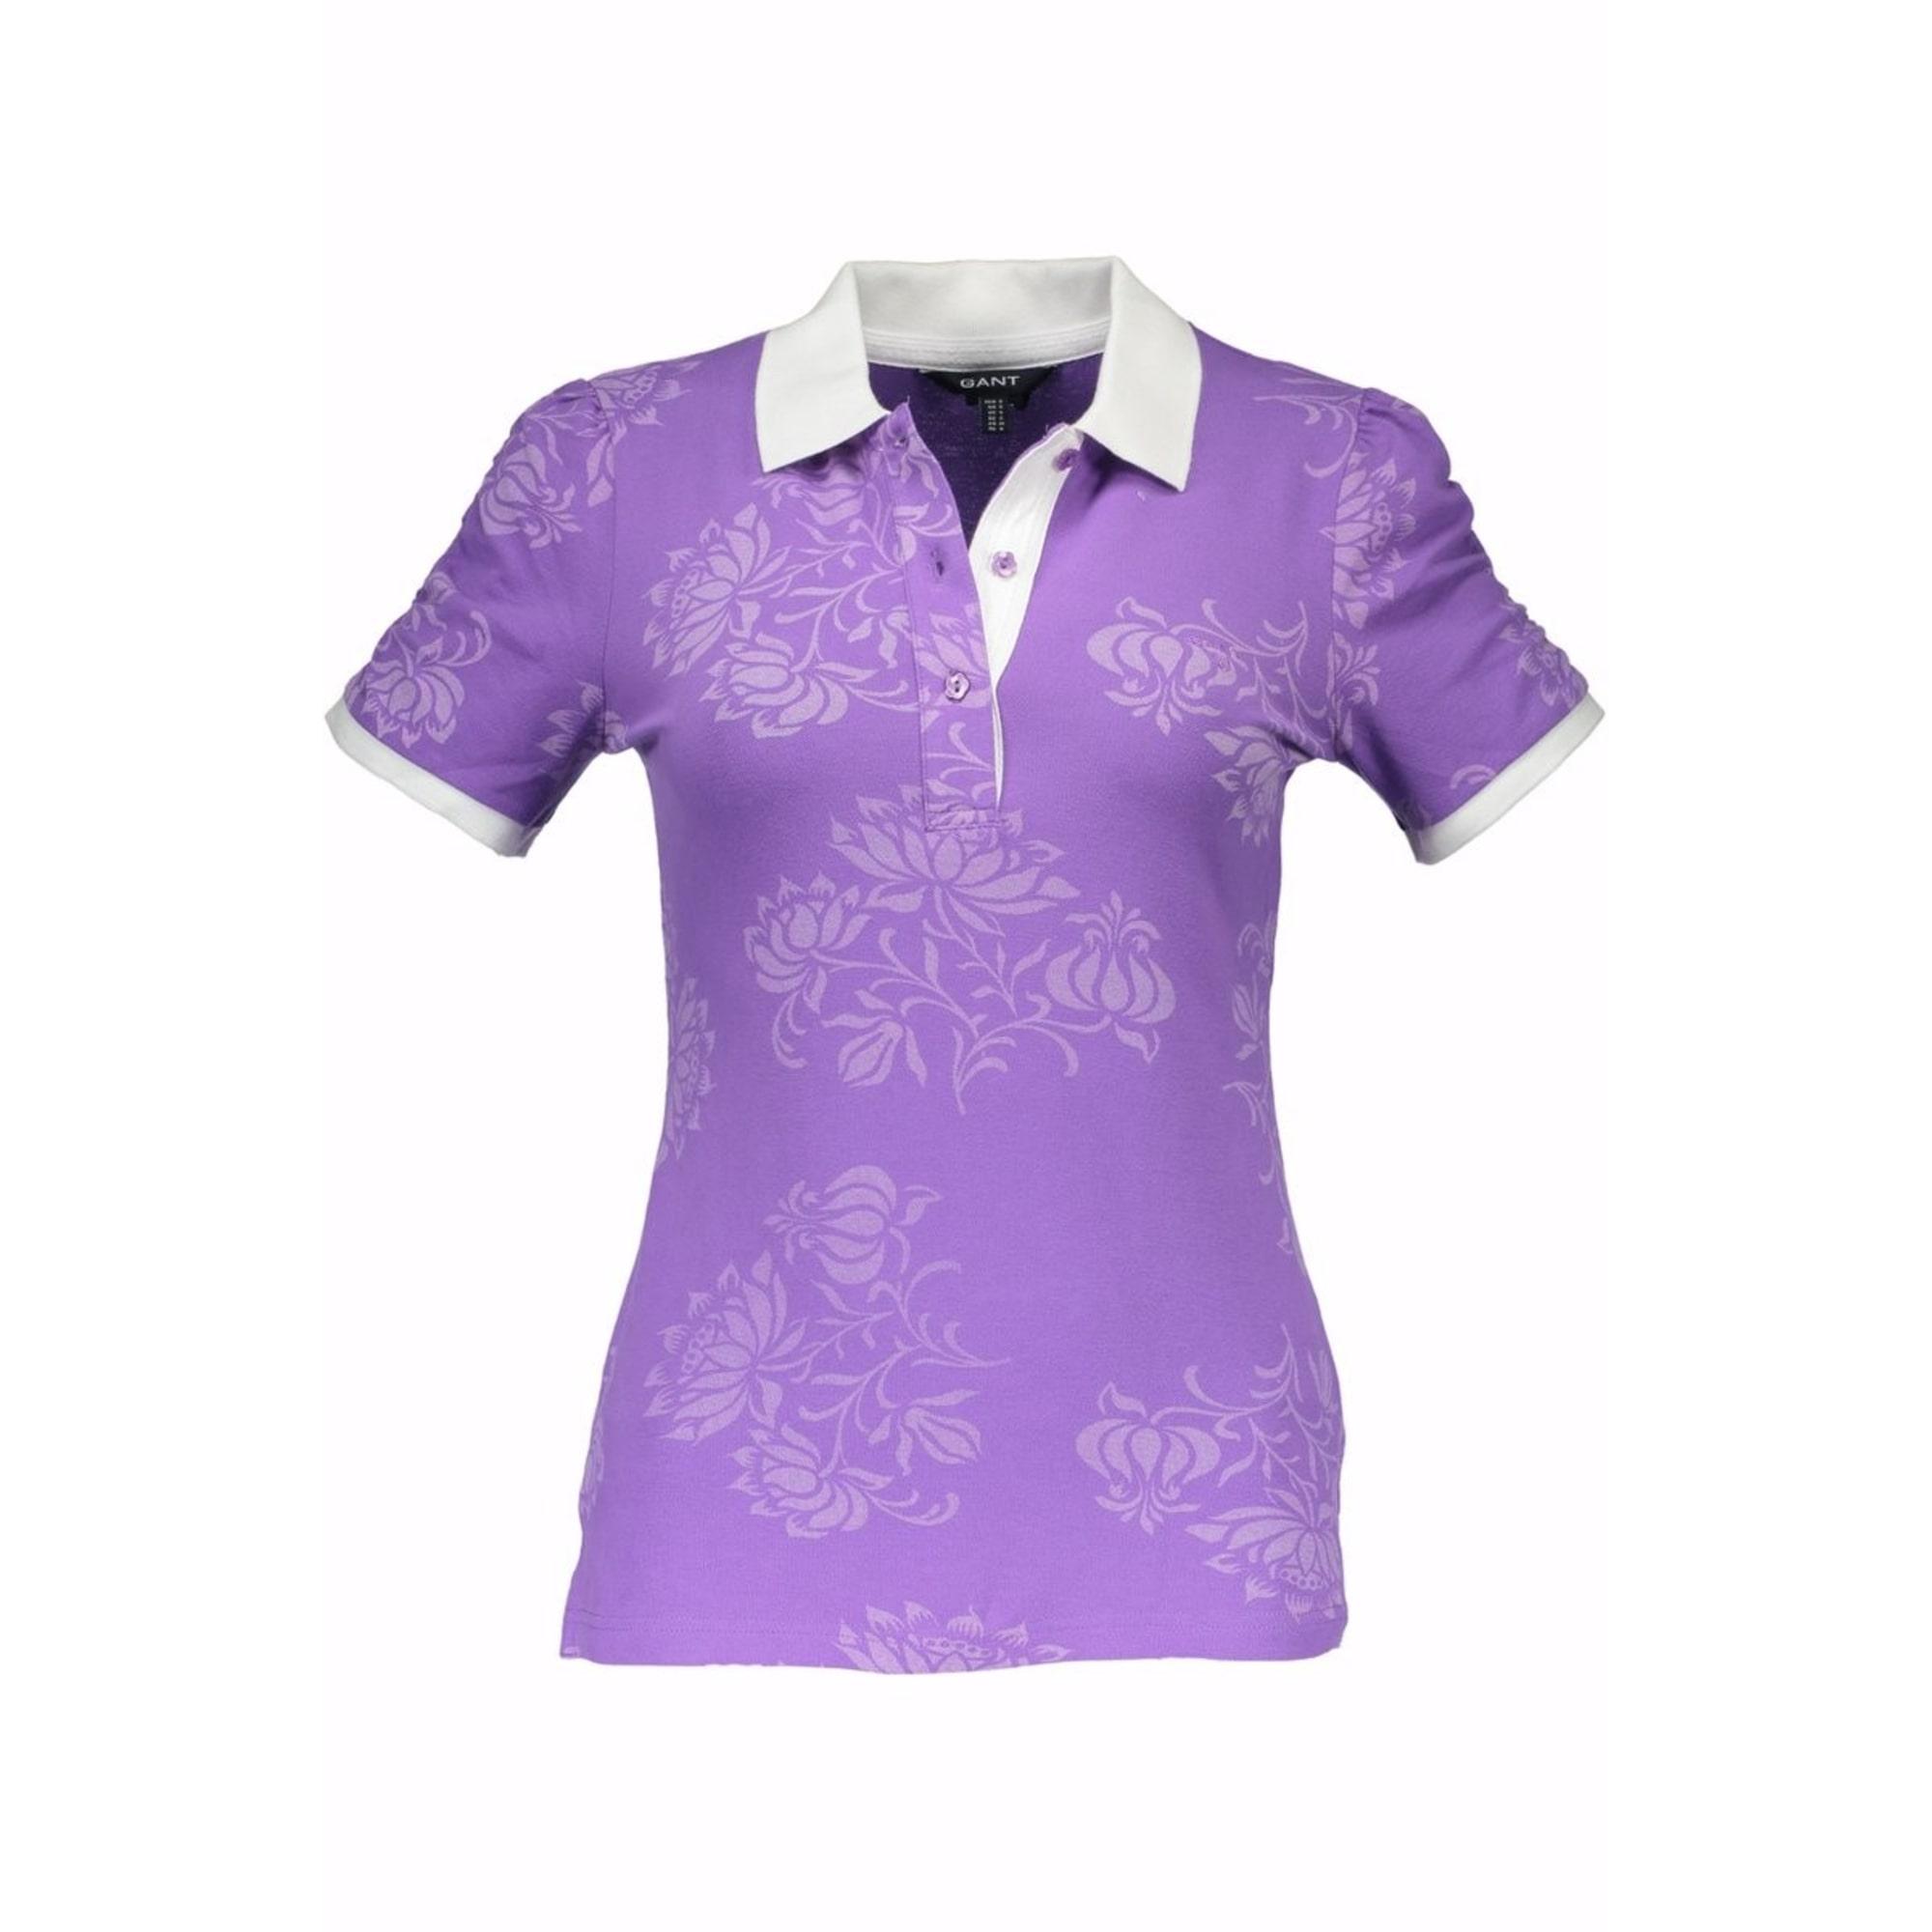 Polo GANT Violet, mauve, lavande